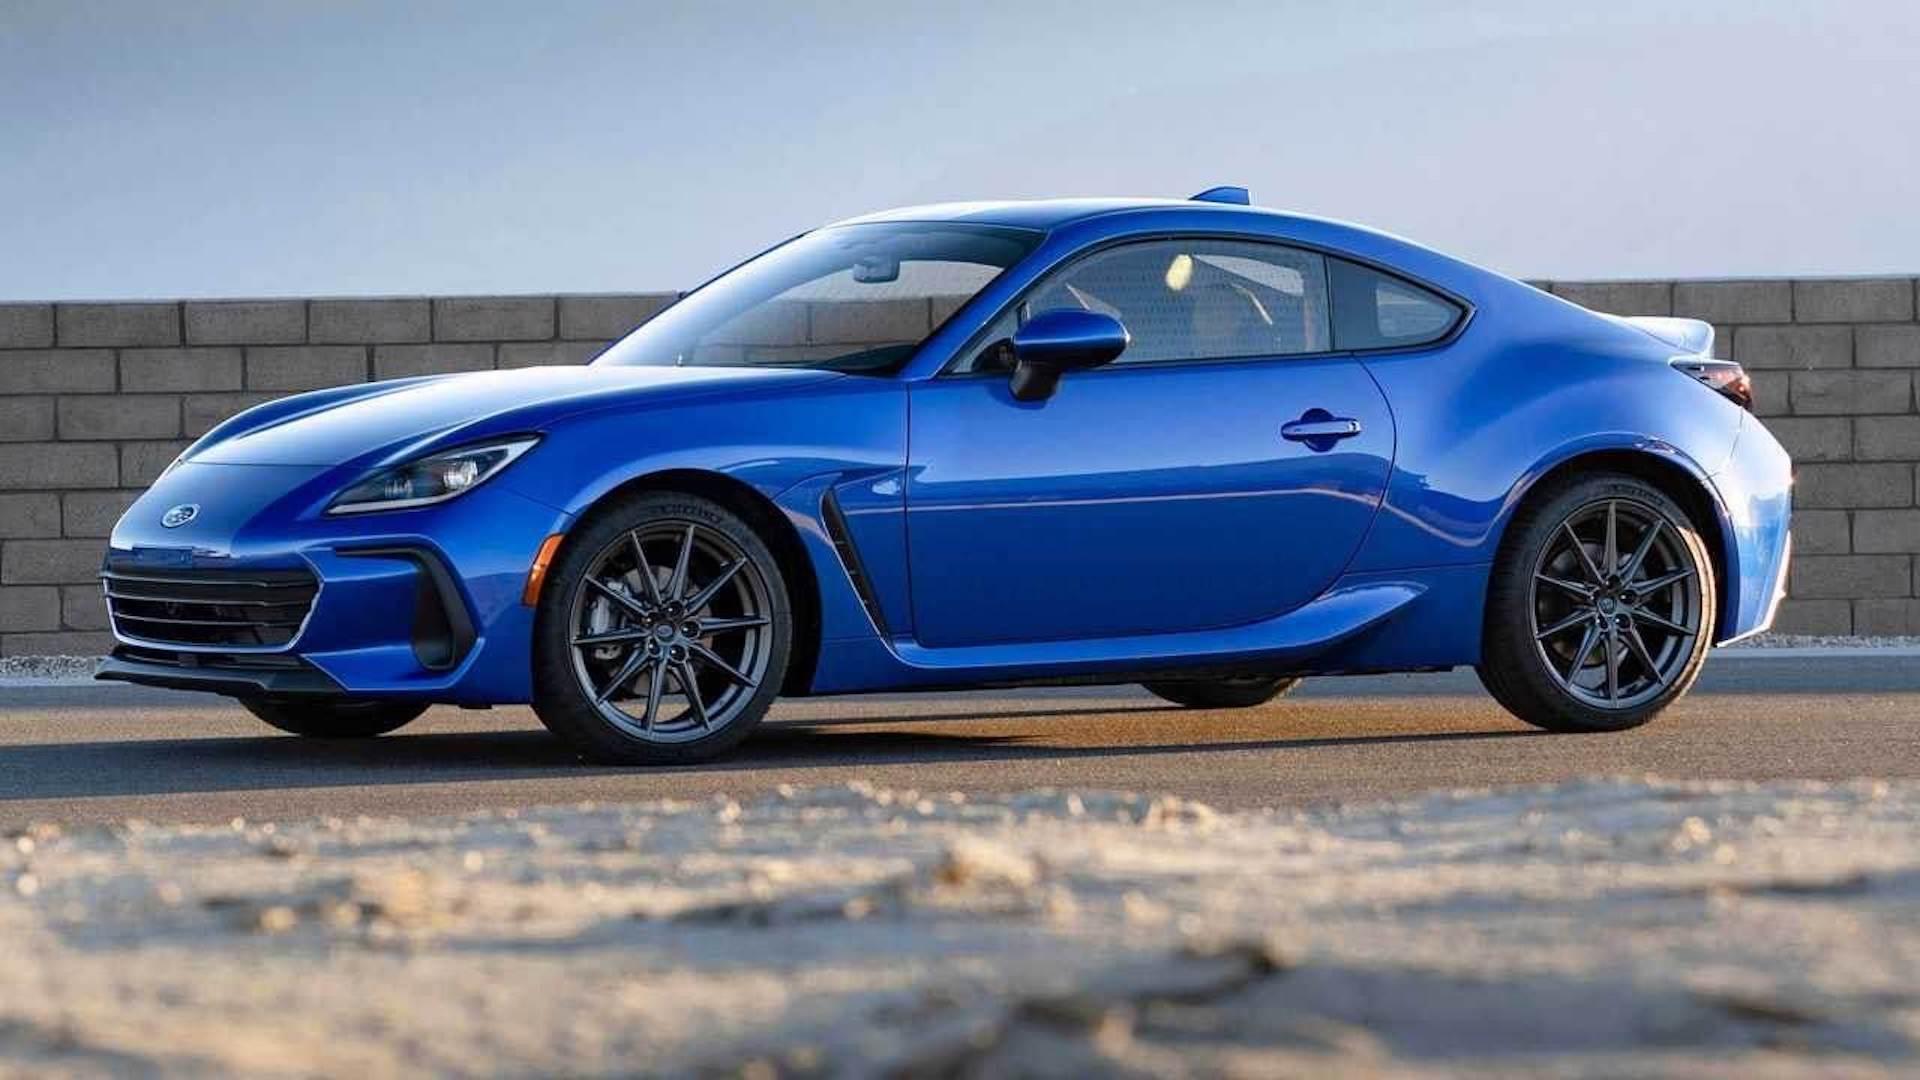 Rivales Toyota Gr Supra Acceso 1